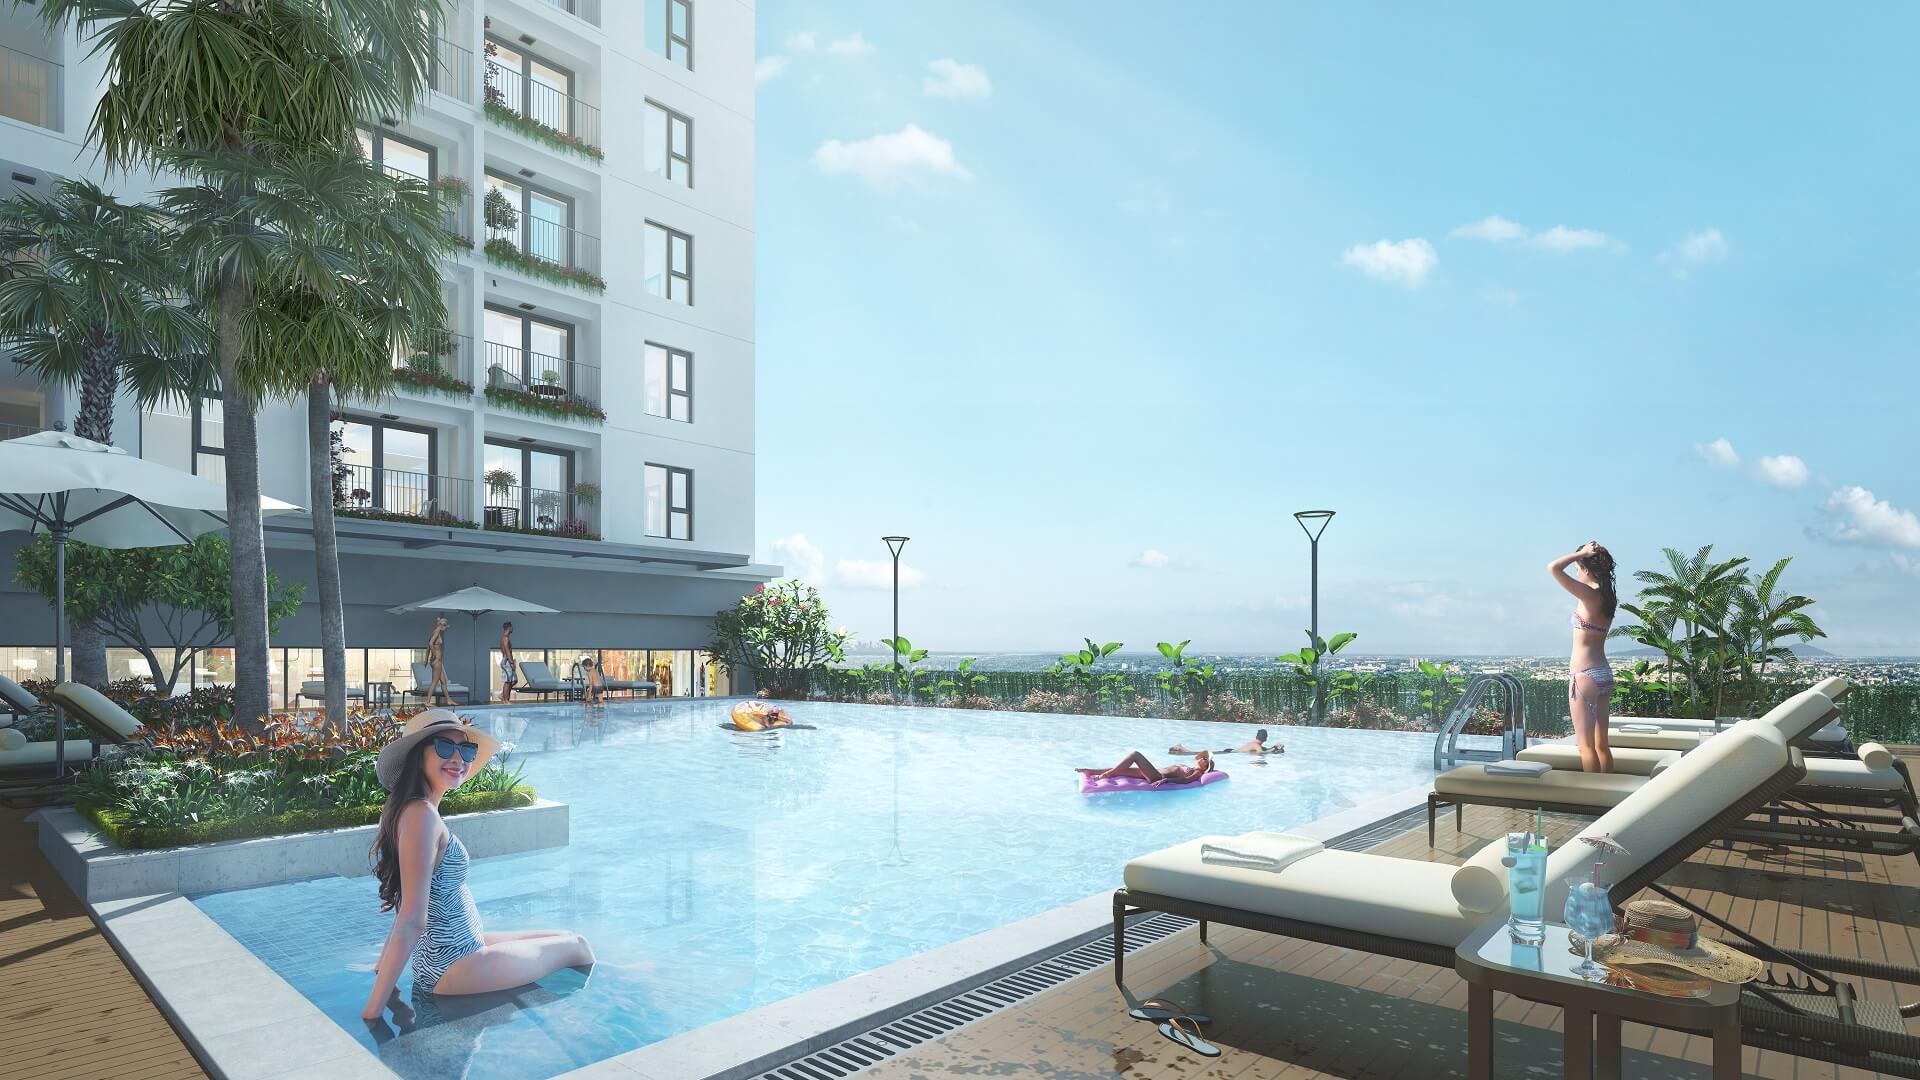 bể bơi dự án geleximco southern star giải phóng